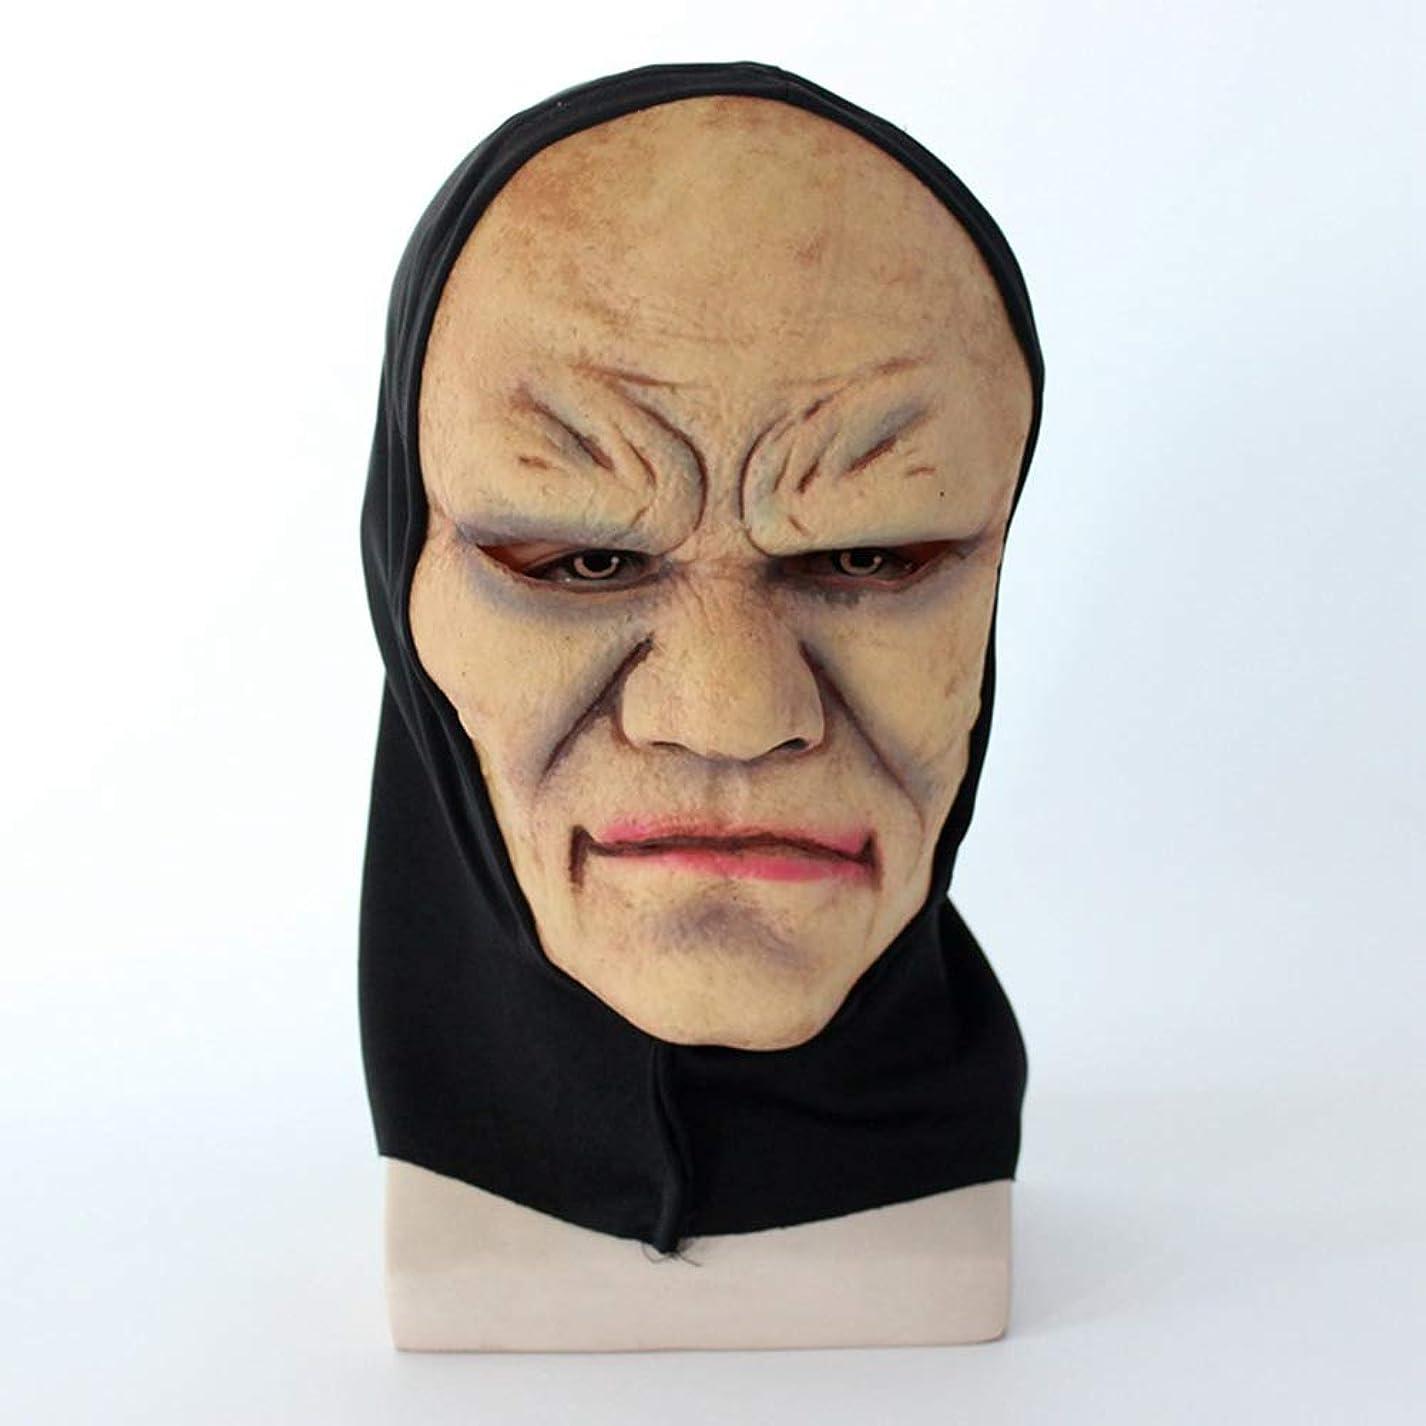 に沿ってロンドンレンドハロウィーンホラーマスク、スピリチュアル修道女ヘッドマスク、クリエイティブ Vizard マスク、パーティー仮装ラテックスマスク